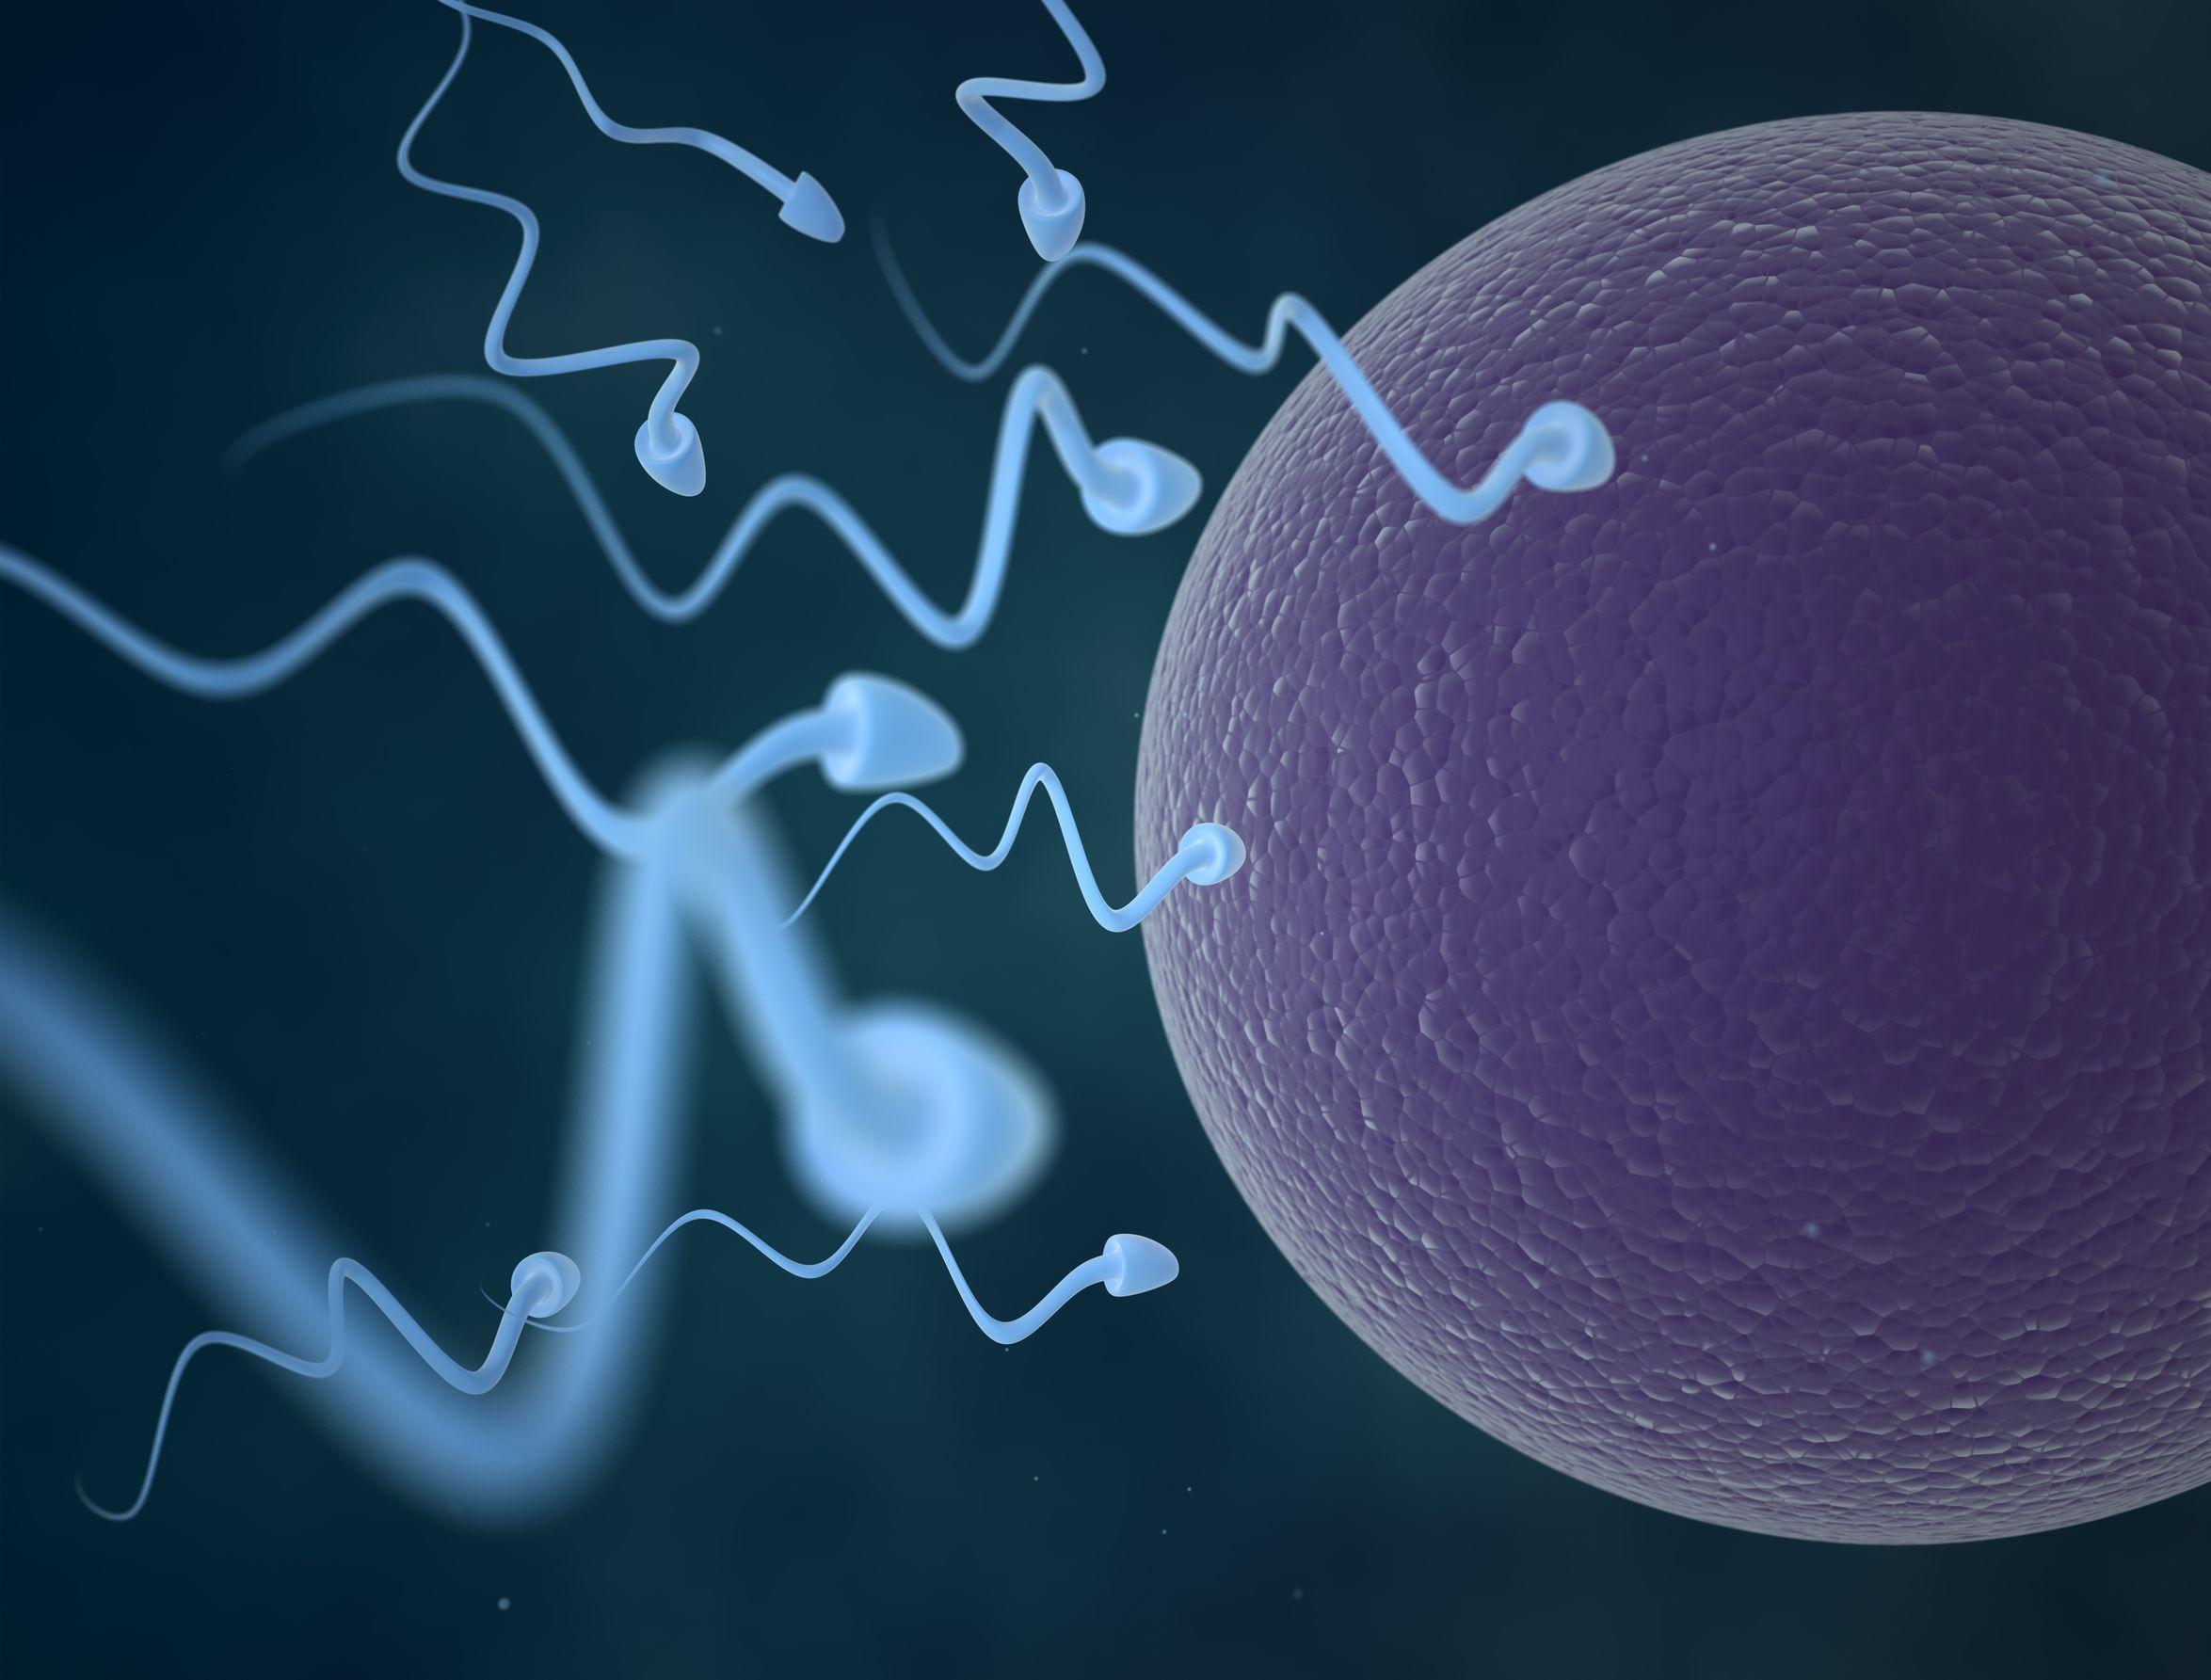 Motivul incredibil pentru care femeile cu studii superioare aleg sa isi inghete ovulele. Ce rol joaca generatia